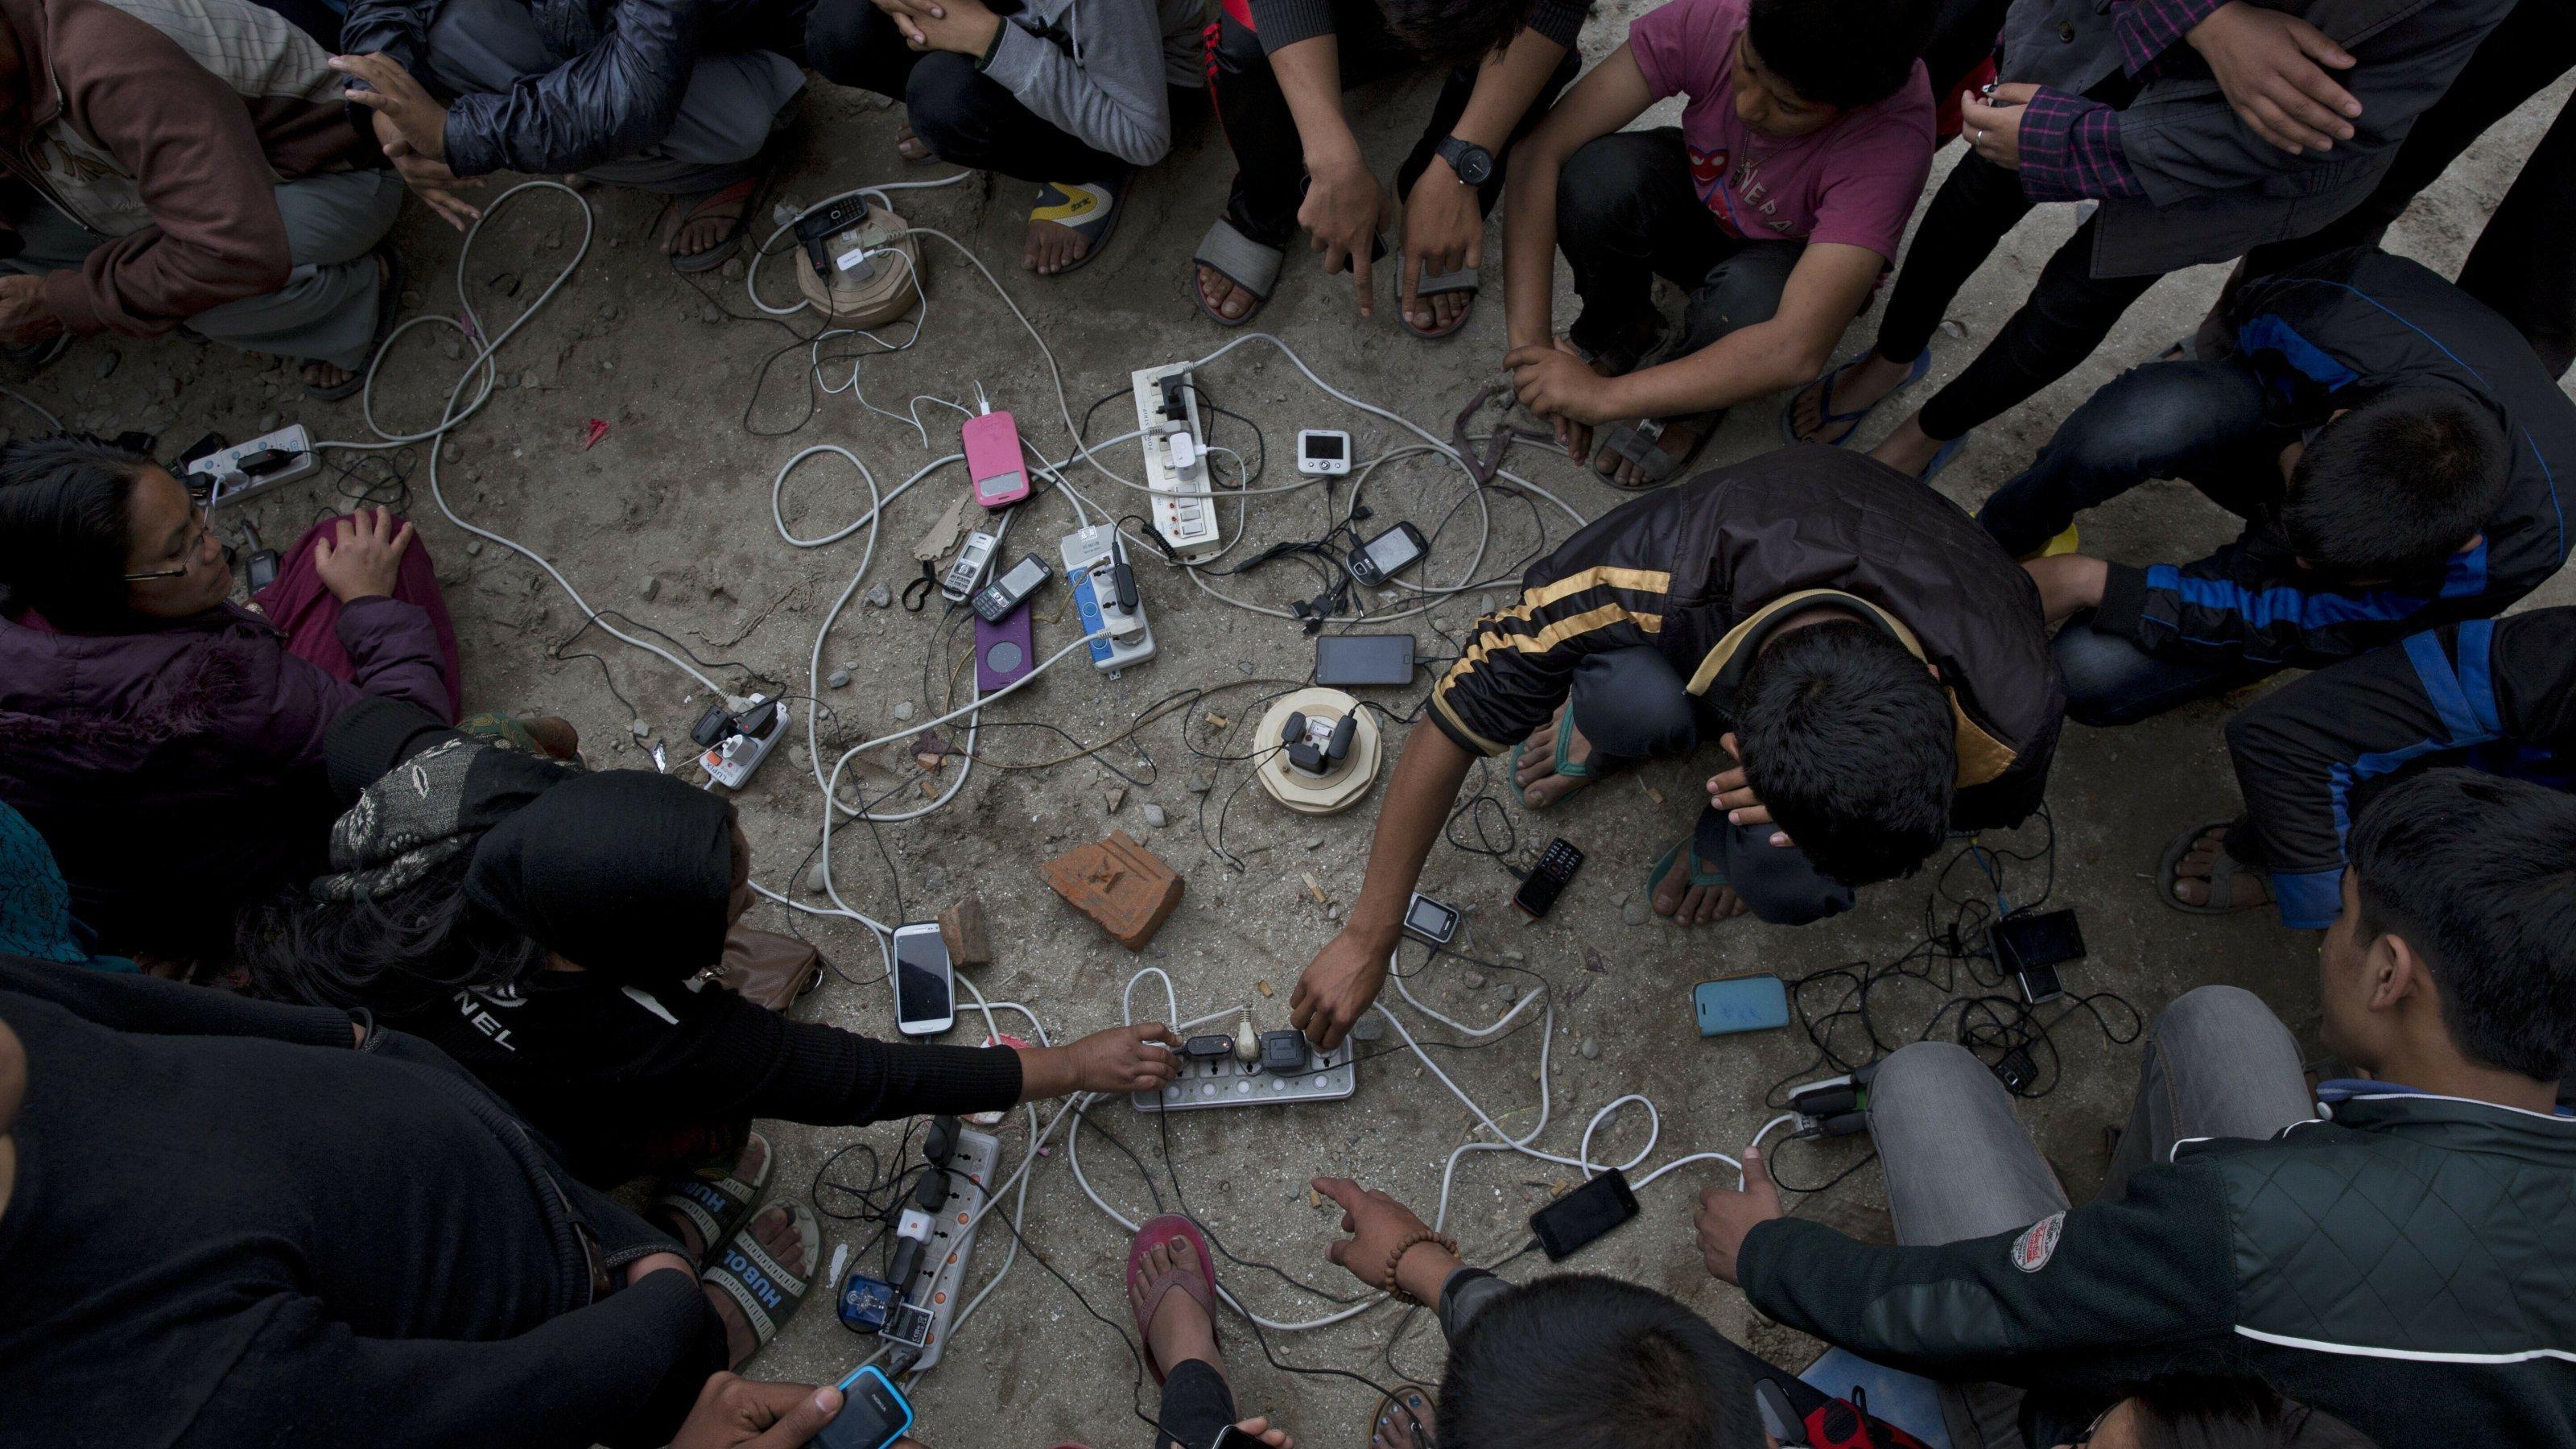 Nach einem Erdbeben im April 2015luden Dorfbewohner ihre Mobiltelefone auf einer Freifläche in Kathmandu, Nepal. Sie suchten in der erdbebengeschädigten Stadt nach ihren verlorenen Angehörigen. Das Bild zeigt mehrere Menschen um Handys, die an mehreren Steckern geladen werden.